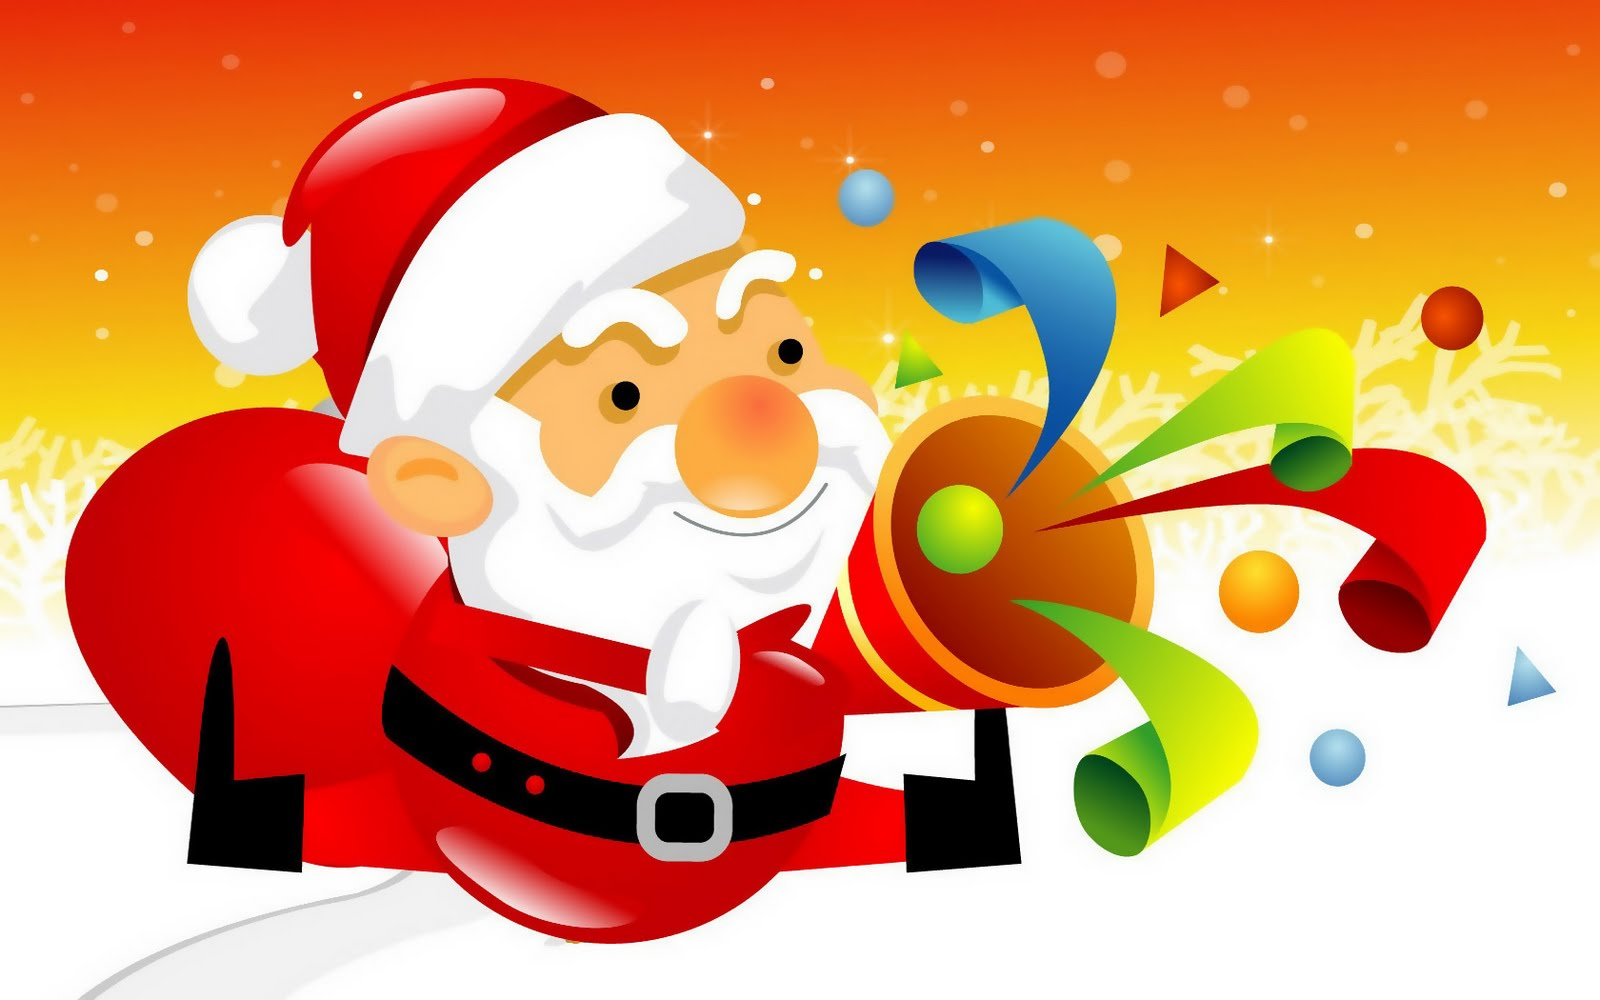 Idool Especial De Navidad Y Fin De Año Dibujos Animados